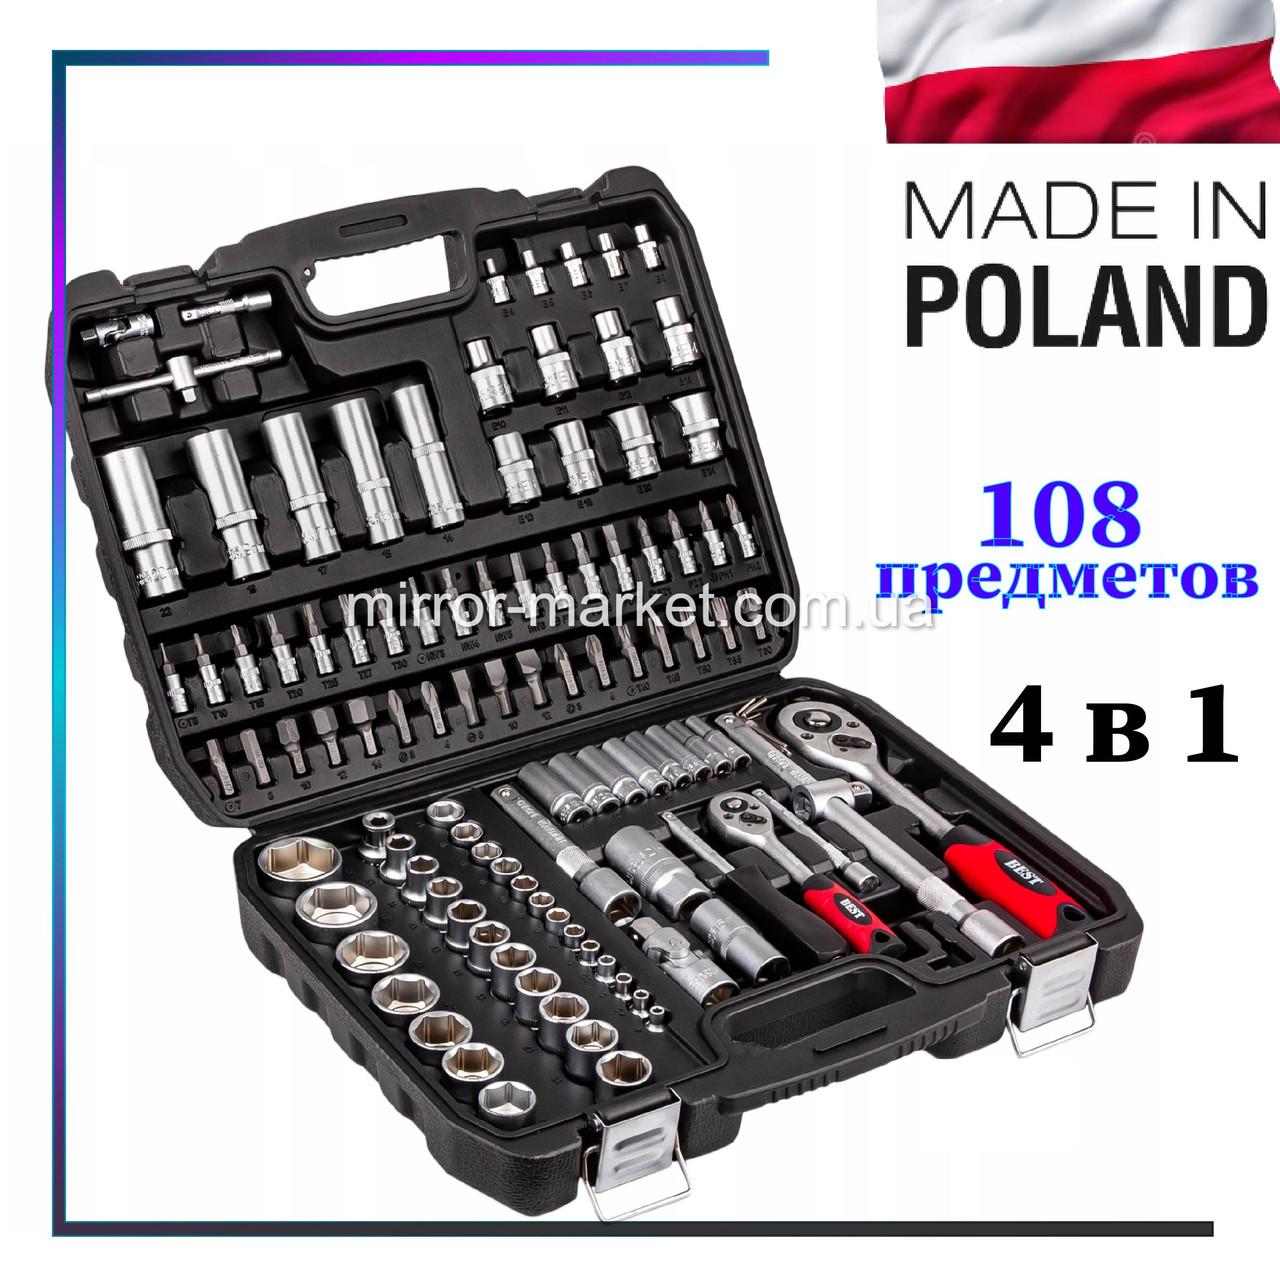 Набір ключів і інструментів з 108 предметів. Набір інструментів Euro Craft (набір інструментів)